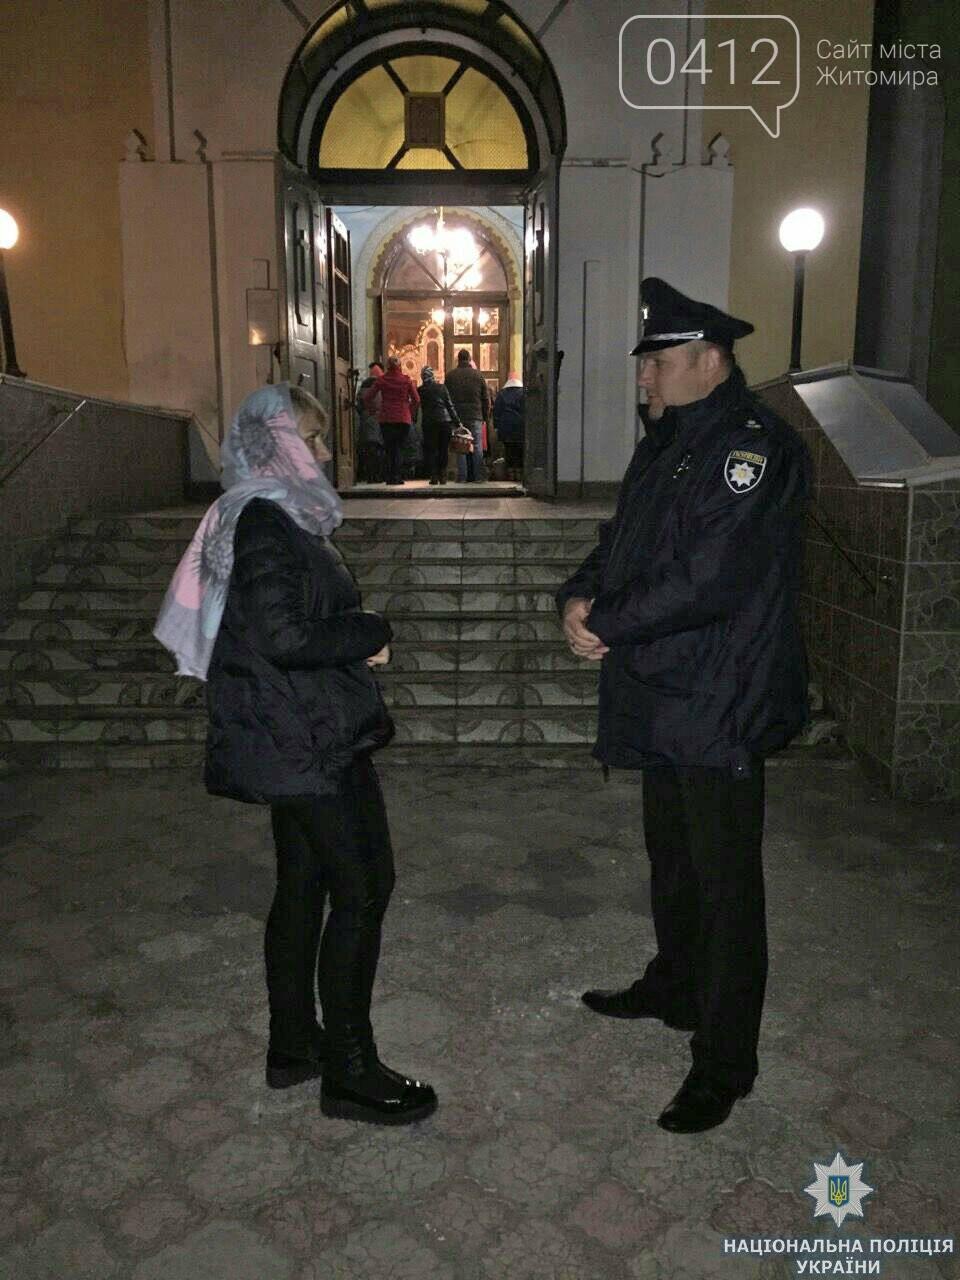 Великодні свята на Житомирщині проходять без грубих порушень публічного порядку, фото-1